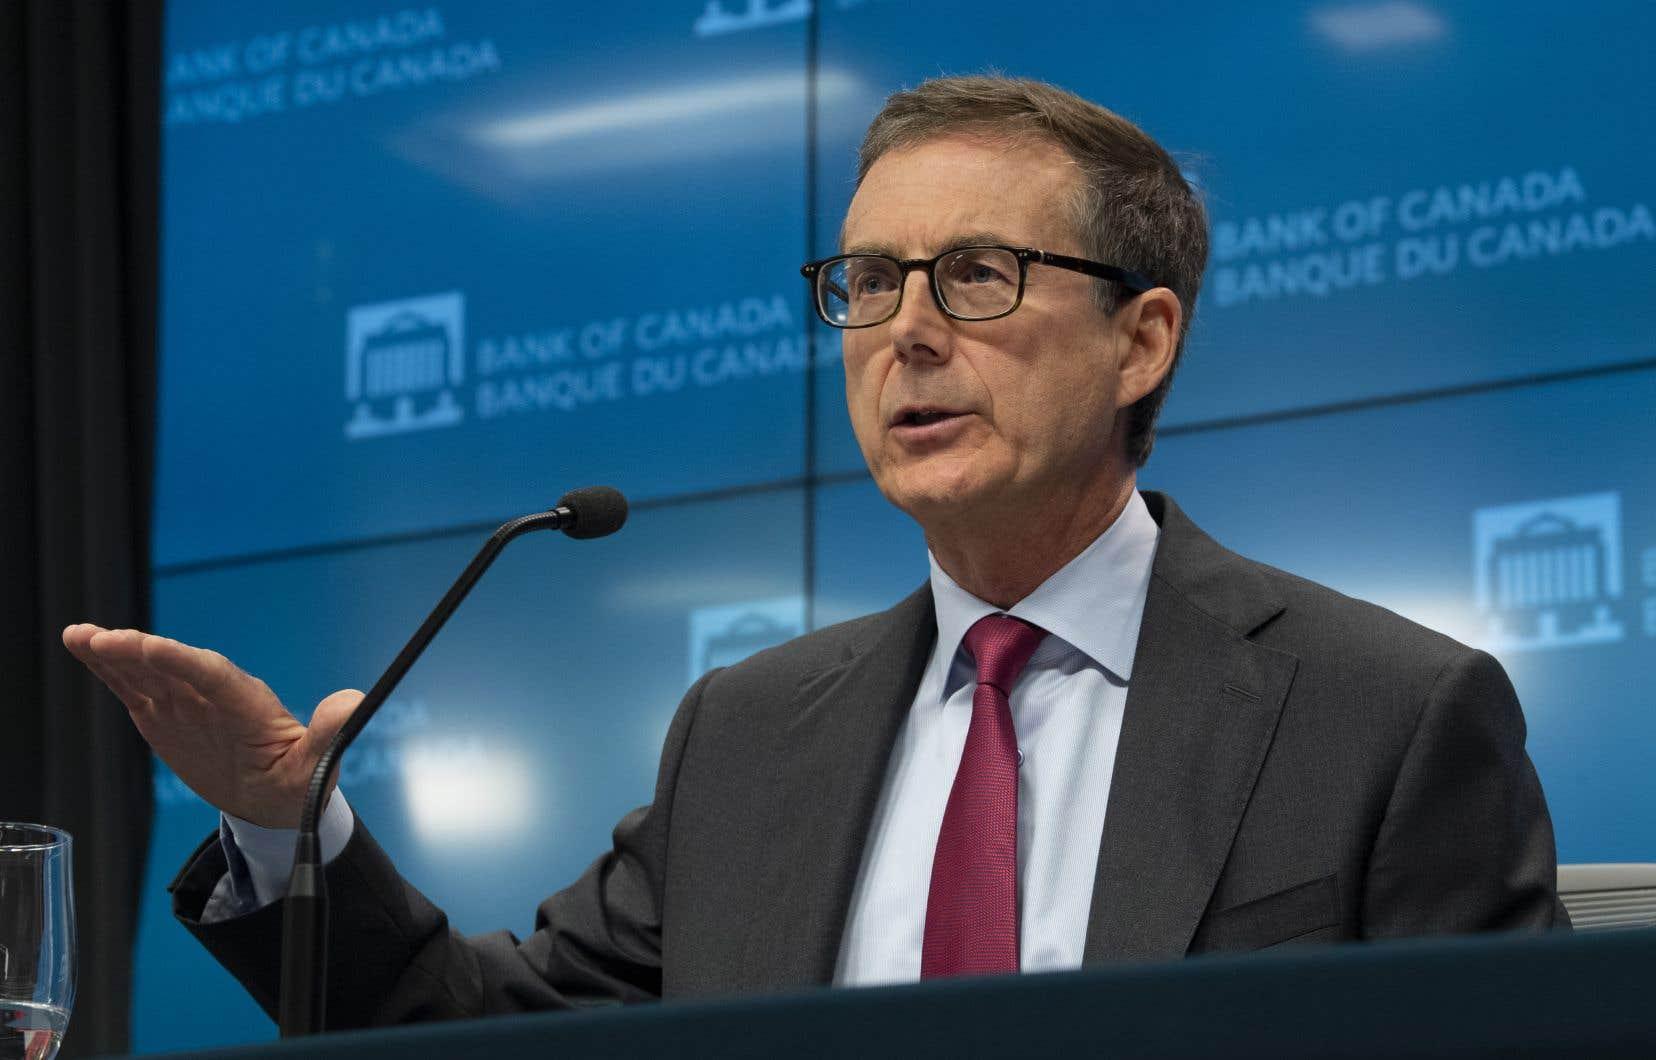 Les changements climatiques vont en s'intensifiant, et il est grand temps d'«augmenter la cadence de nos travaux pour comprendre les répercussions sur l'économie et le système financier», a indiqué lundi le gouverneur de la Banque du Canada, Tiff Macklem.